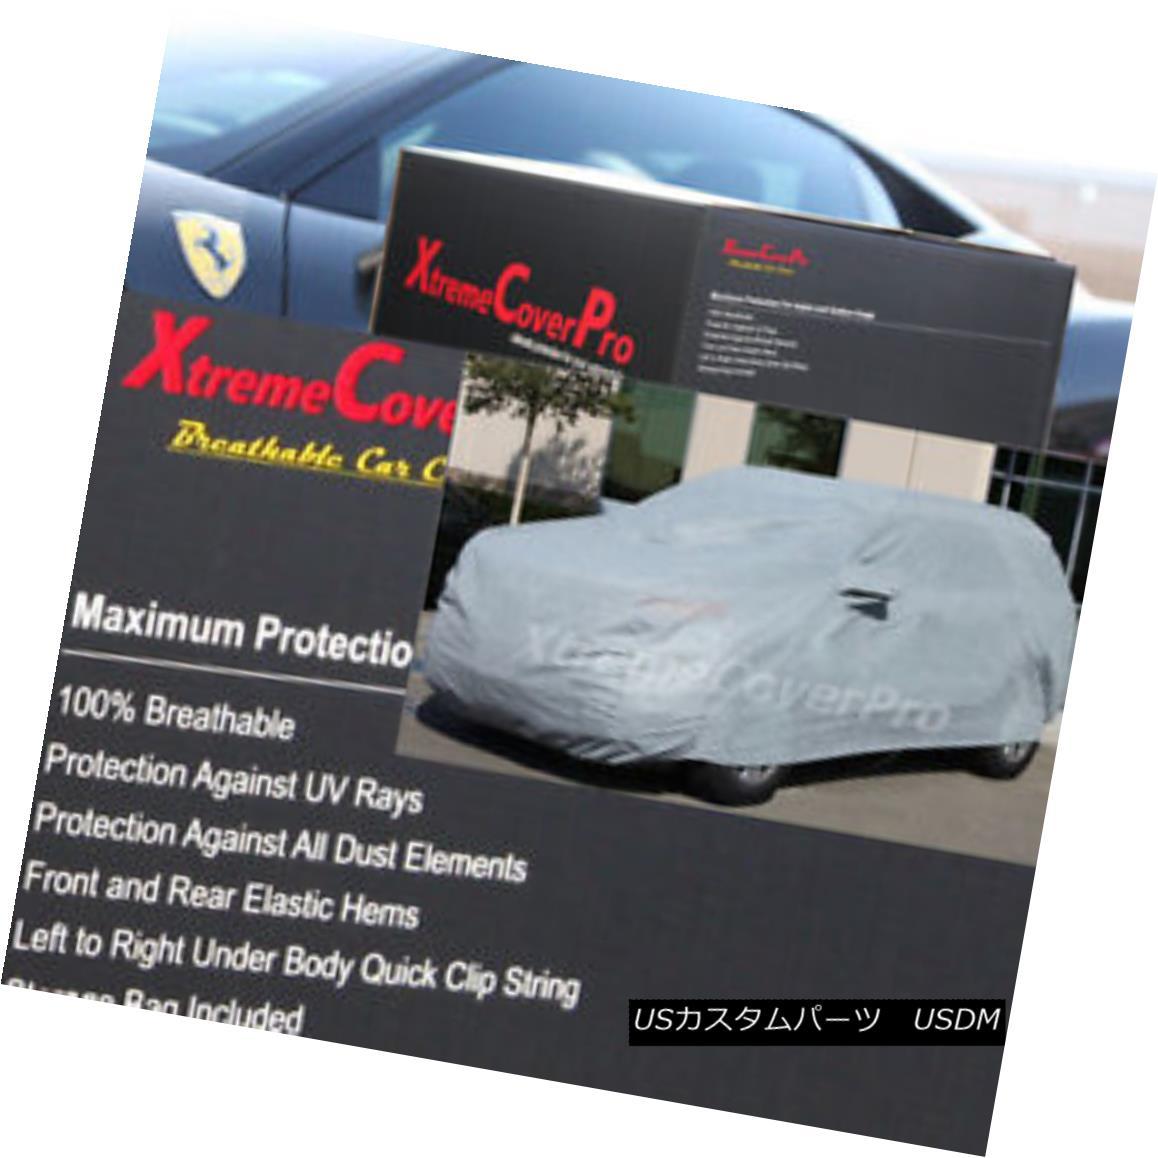 カーカバー 2015 ACURA RDX Breathable Car Cover w/Mirror Pockets - Gray 2015 ACURA RDX通気性の車カバー、ミラーポケット付き - グレー